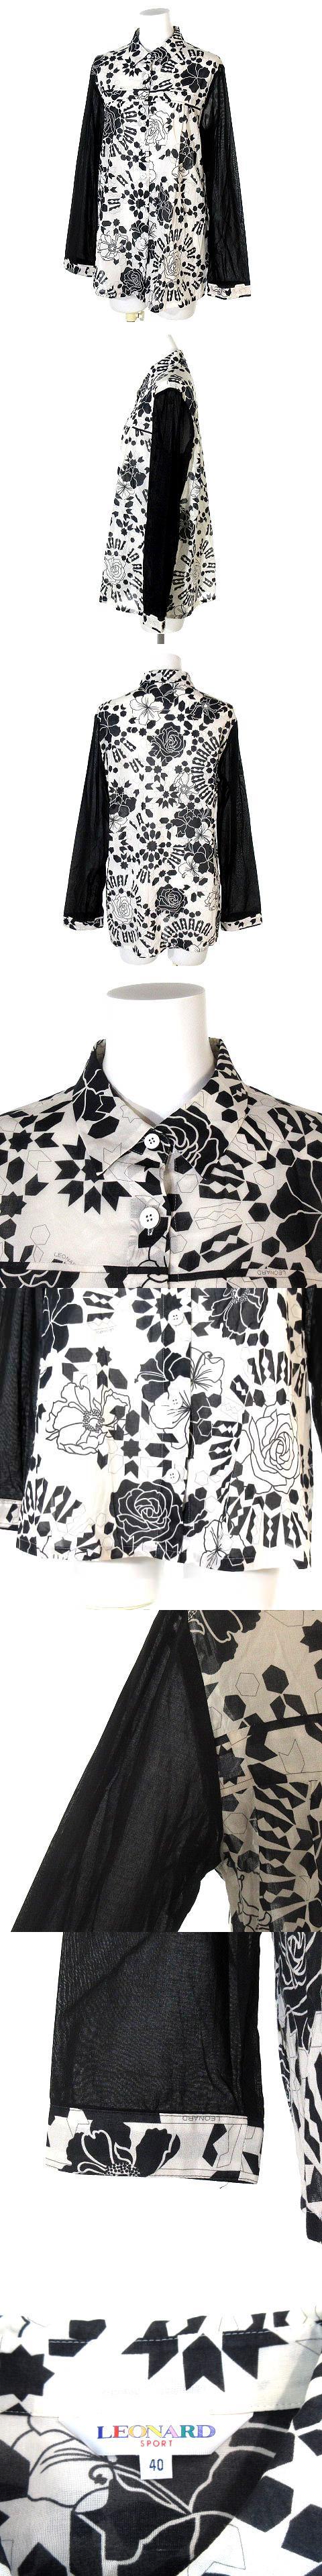 シャツ 長袖 花柄 コットン 黒 白 40 トップス IBS46